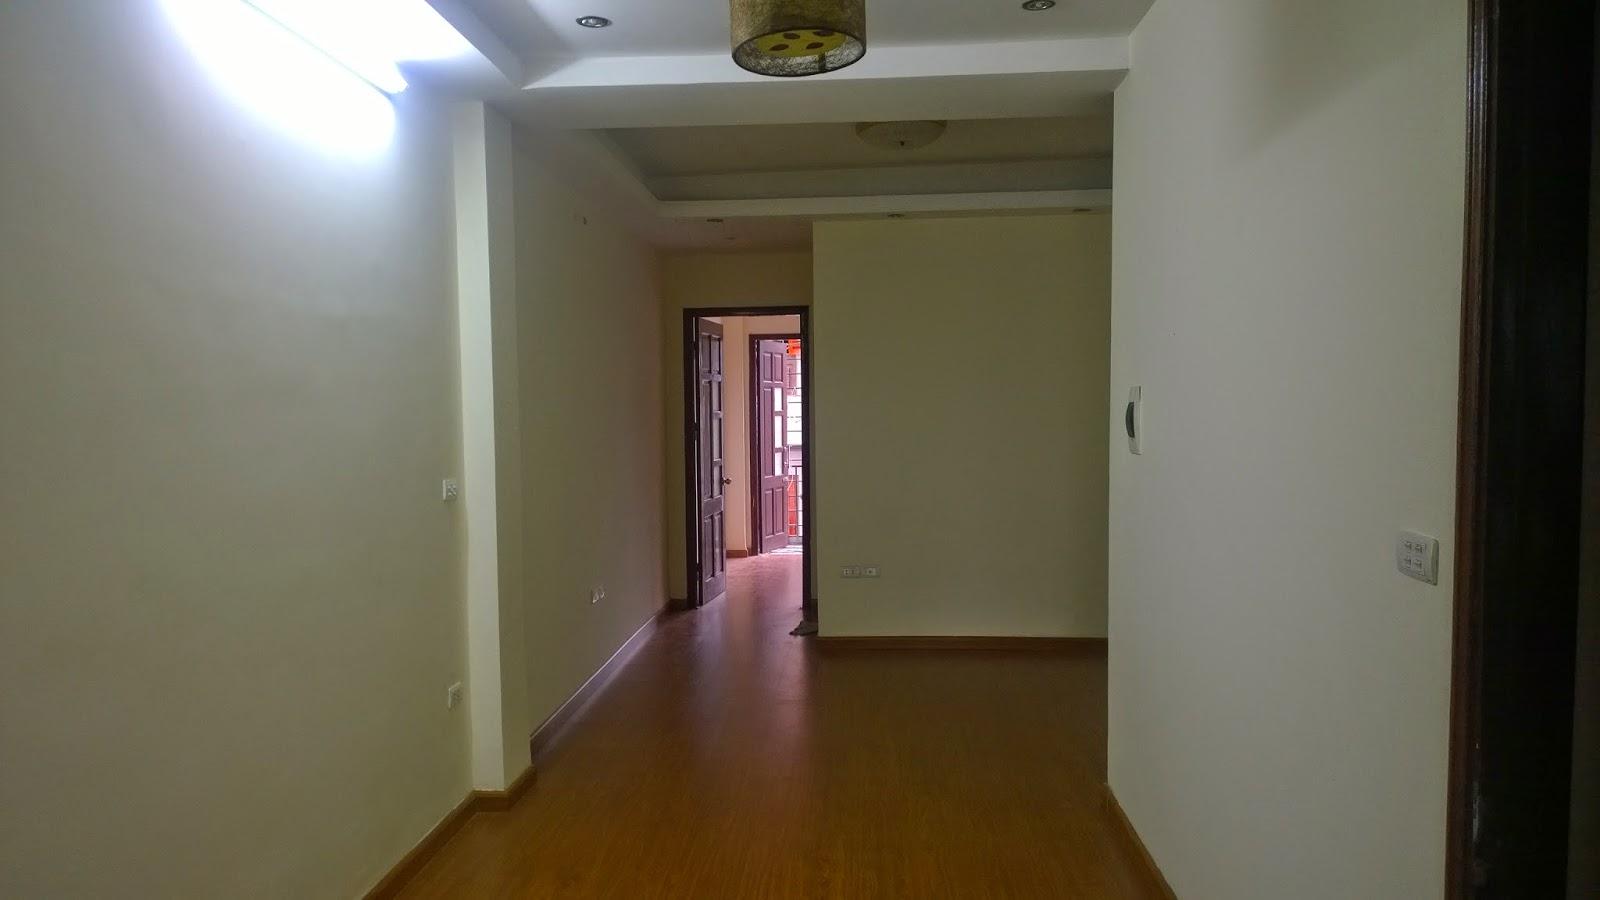 Chung cư giá rẻ Chính Kinh Thanh Xuân 60m2 chỉ hơn 1 tỷ- 2 phòng ngủ